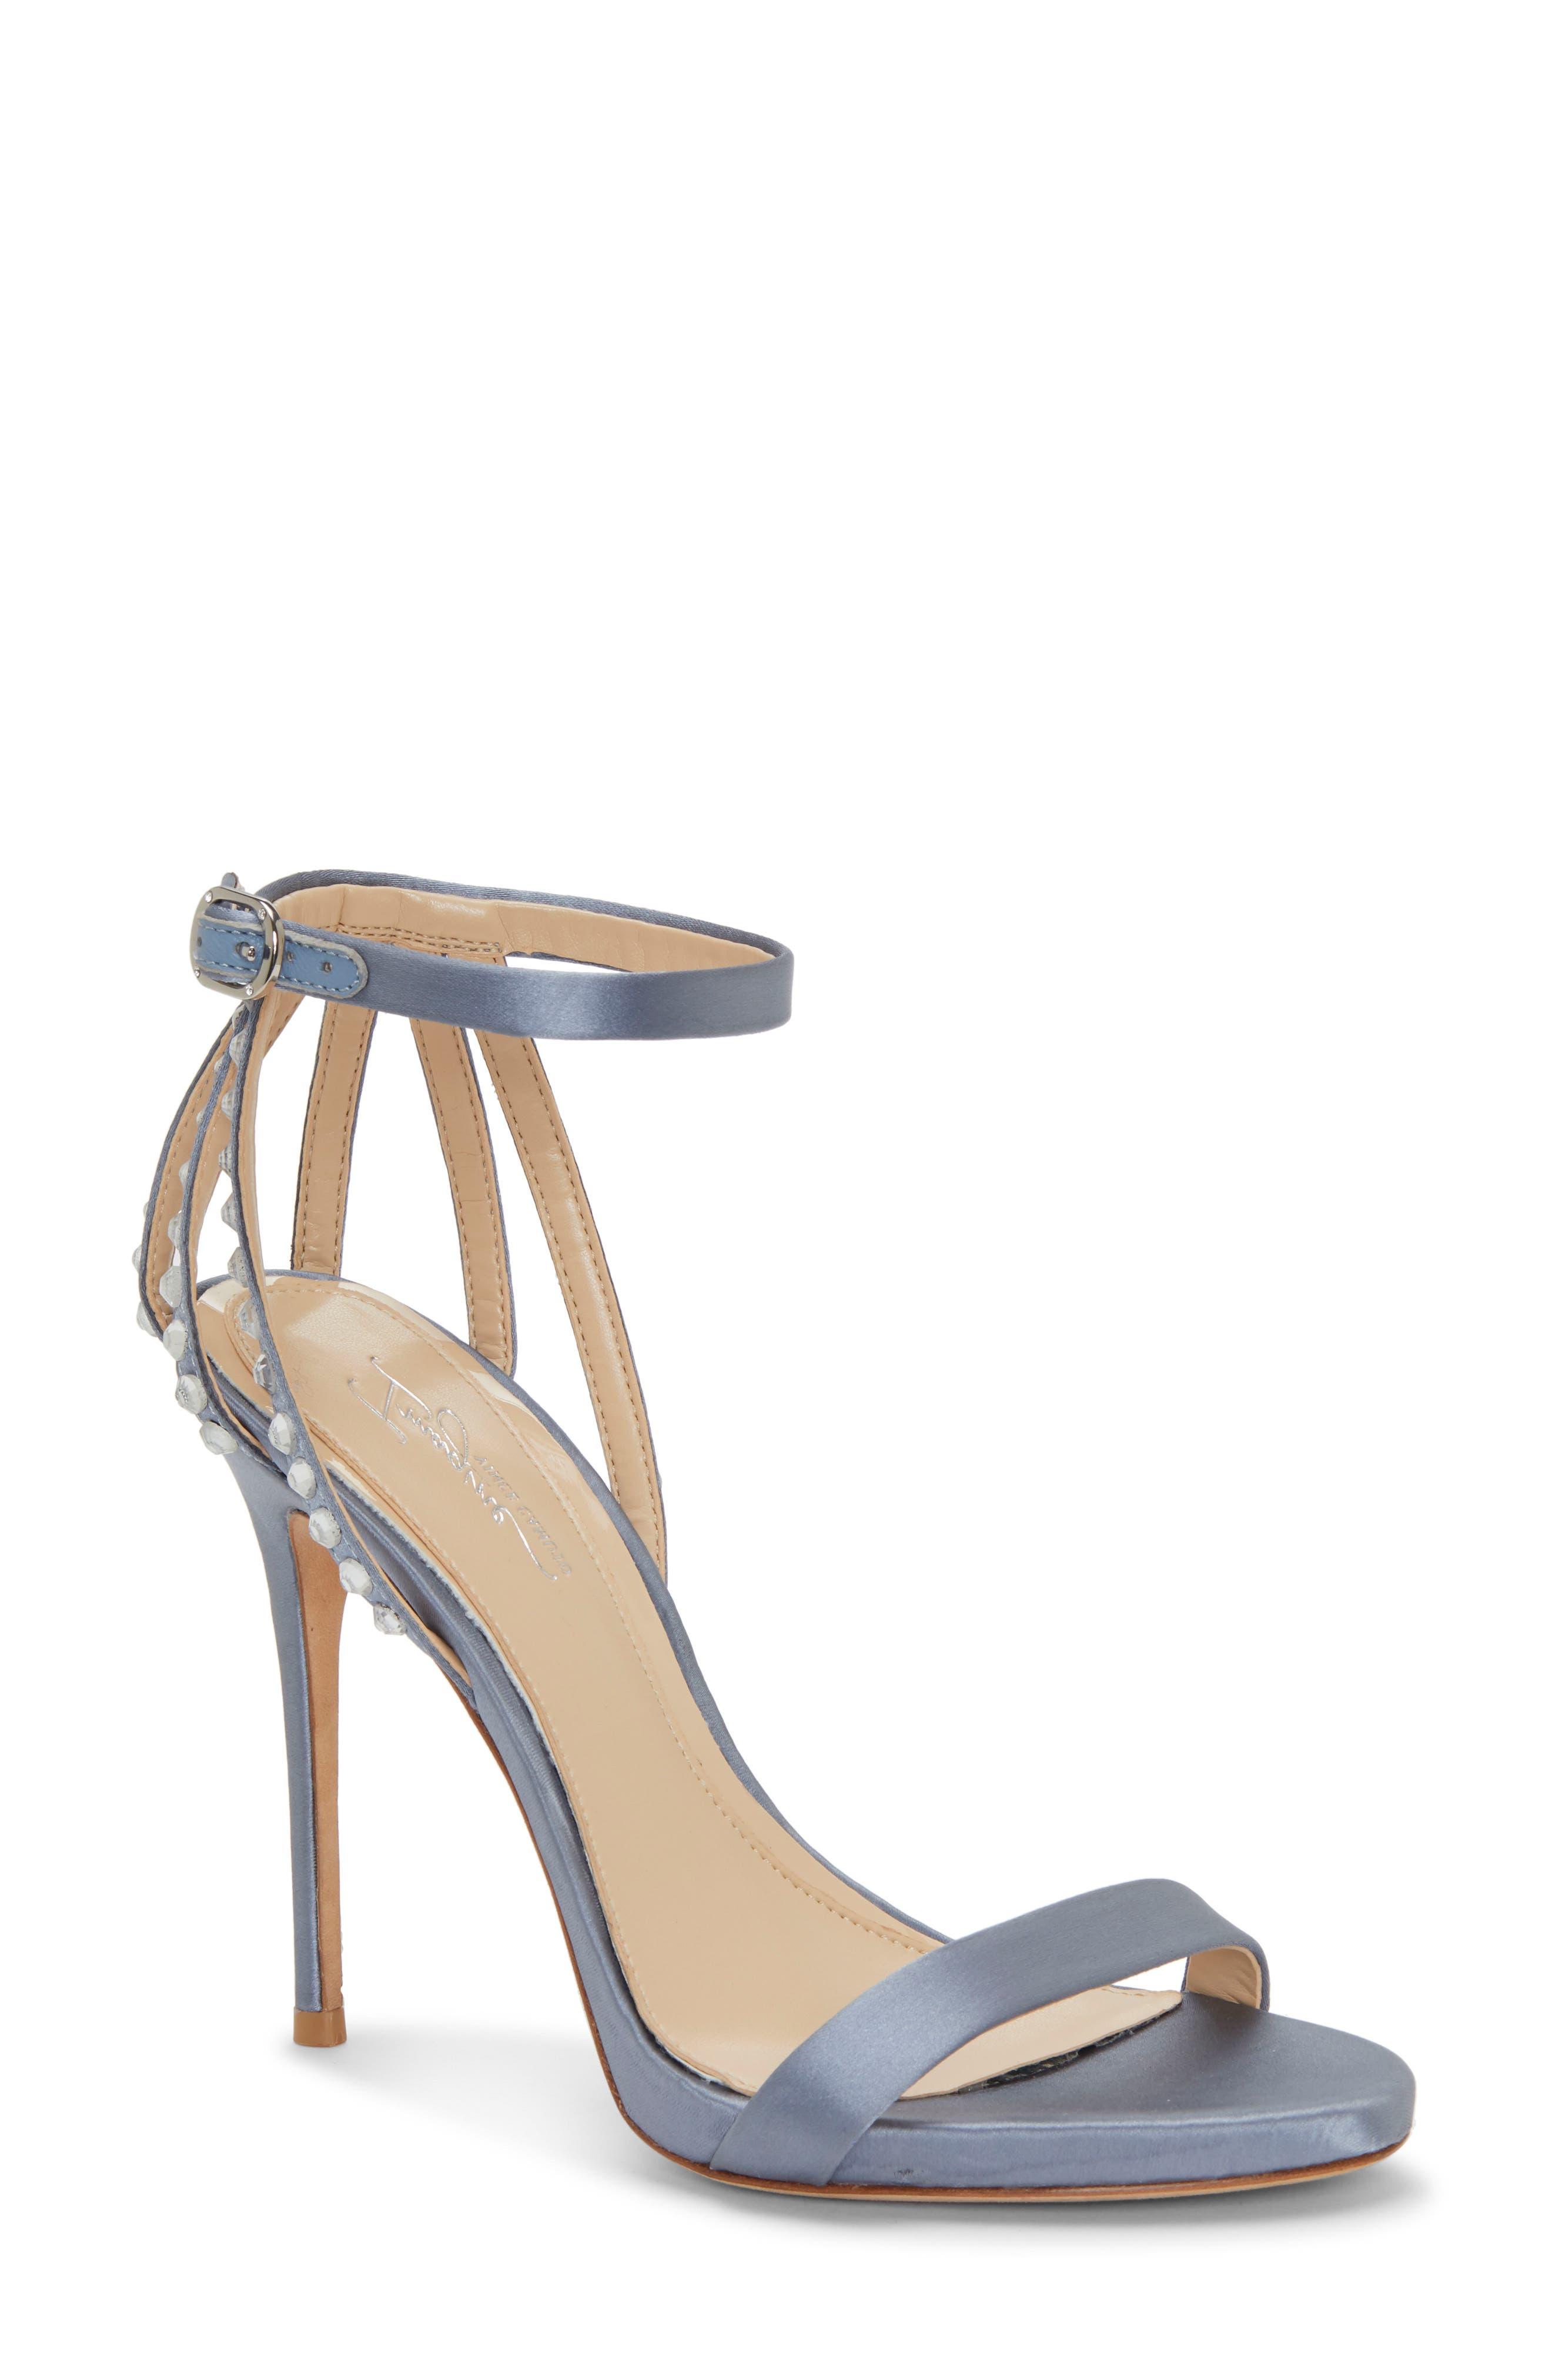 Imagine By Vince Camuto Daphee Crystal Embellished Sandal, Blue